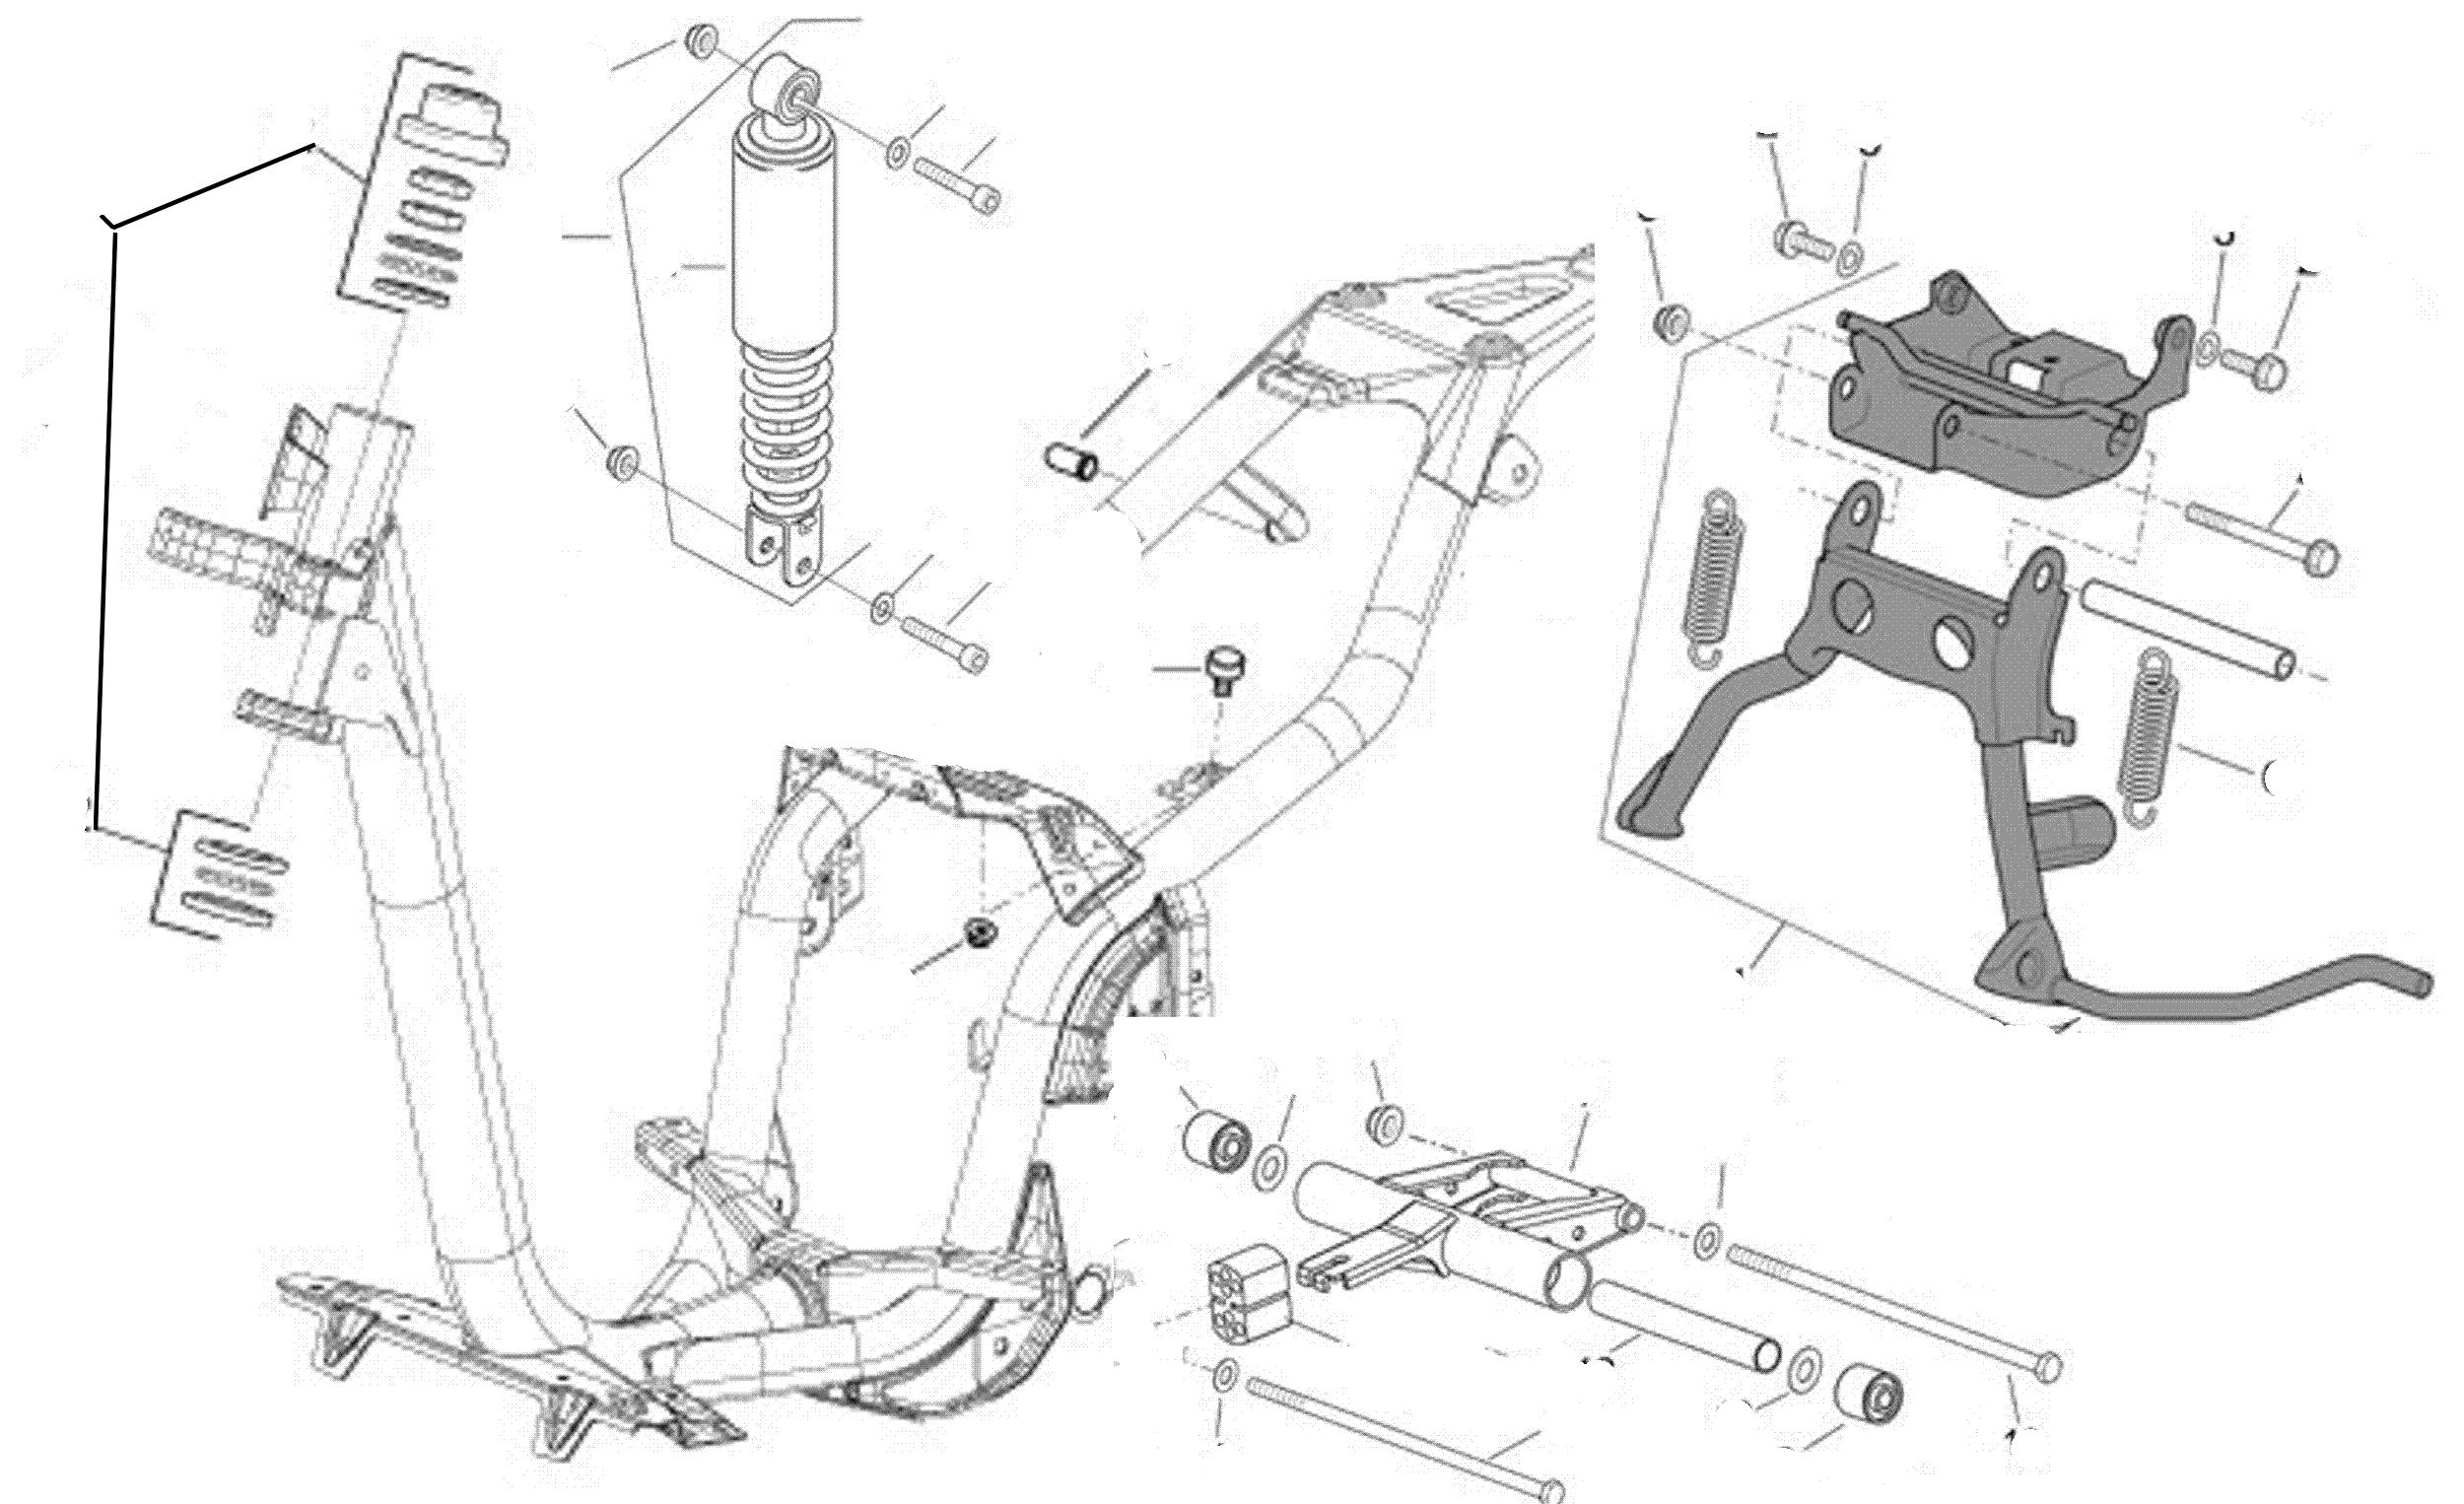 Rahmen, Ständer, Motoraufhängung